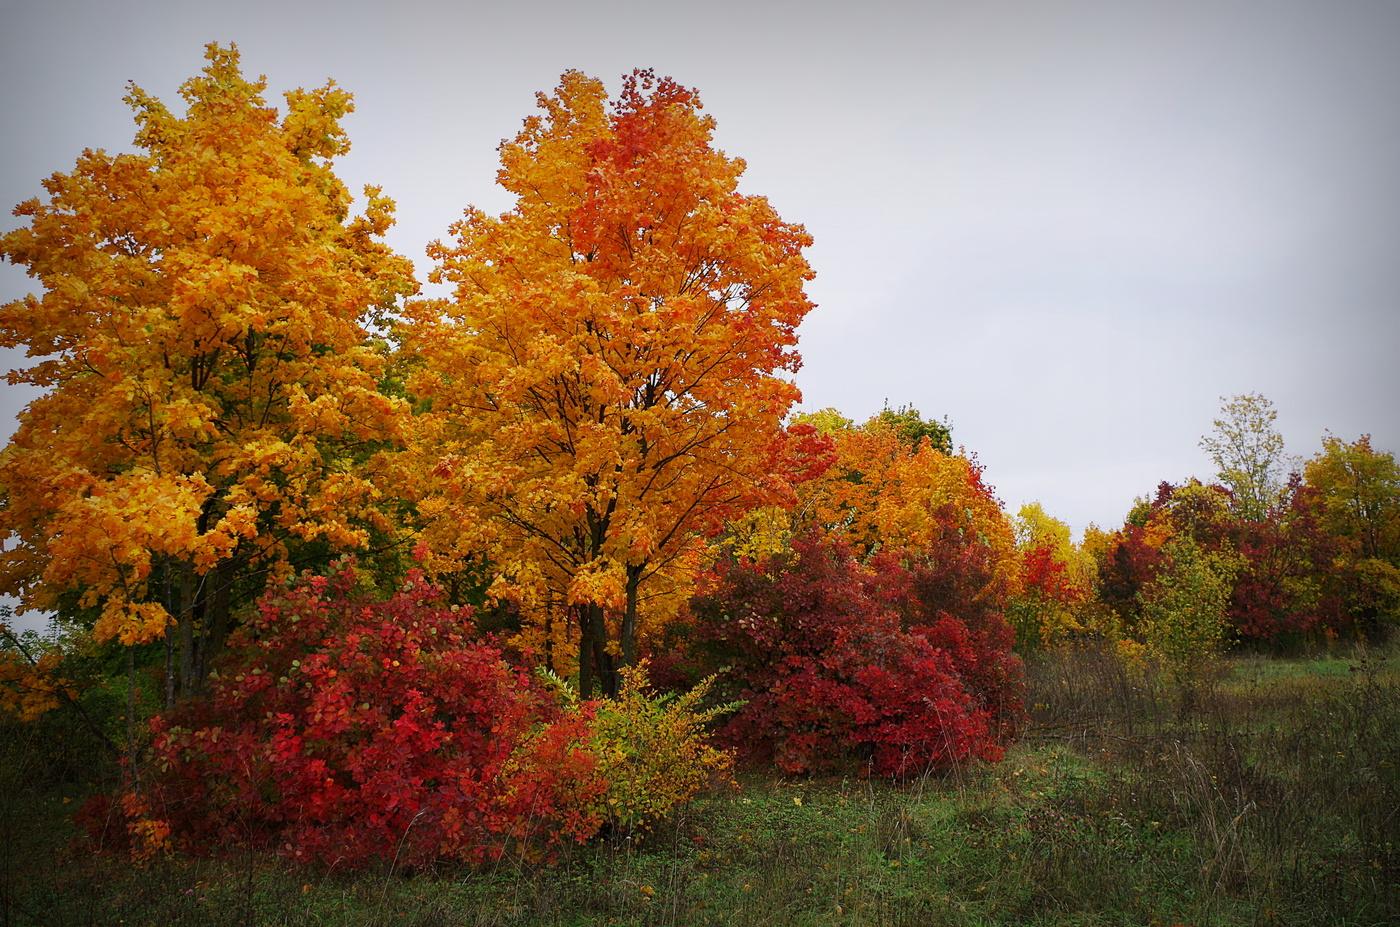 неуемной картинки на золотую осень красота осени успела выполнить только